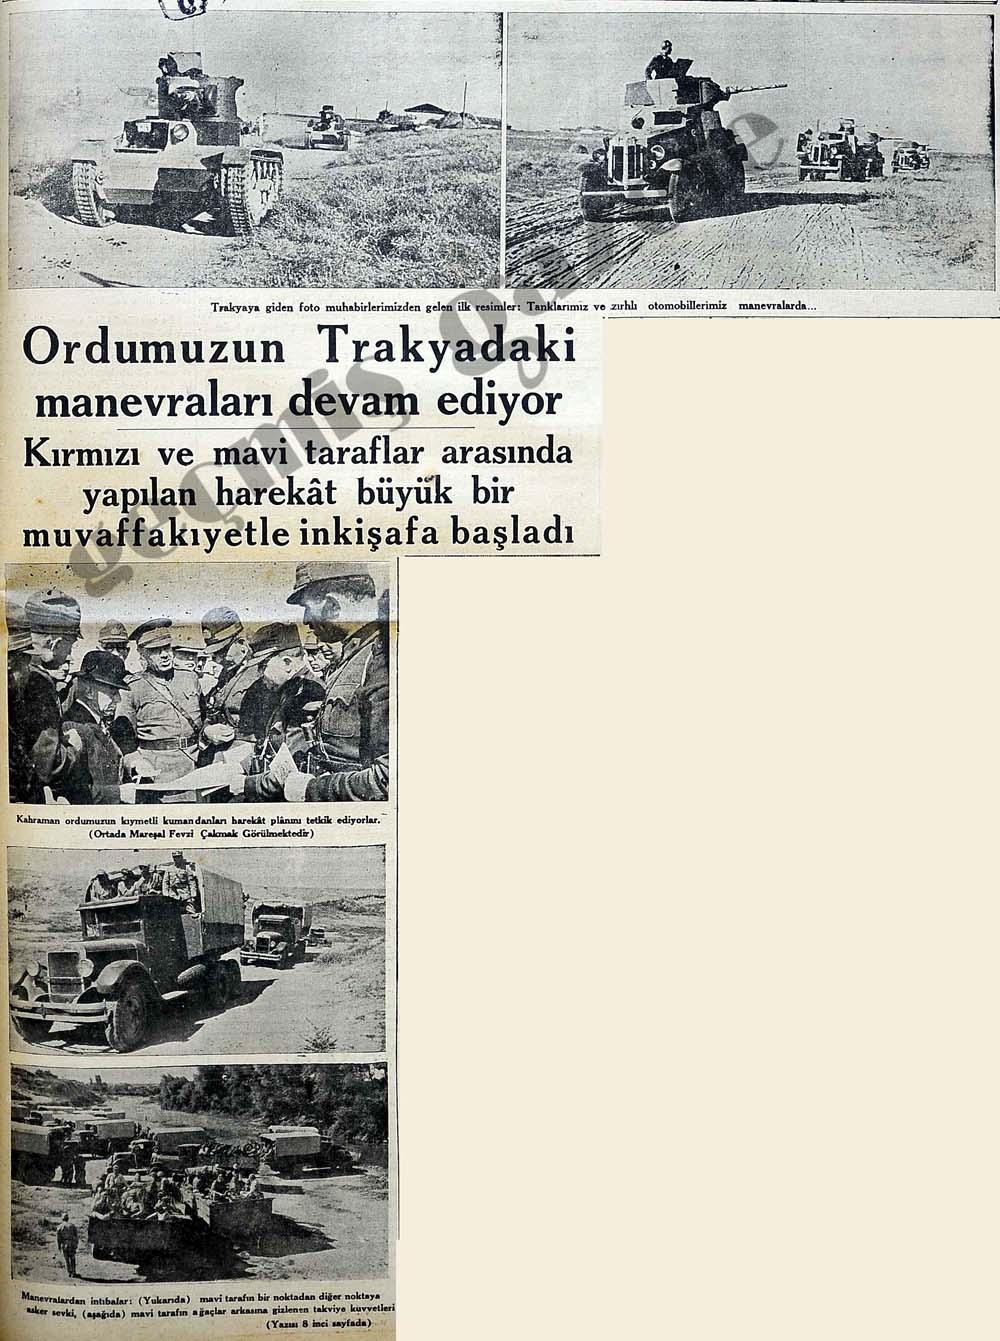 Ordumuzun Trakyadaki manevraları